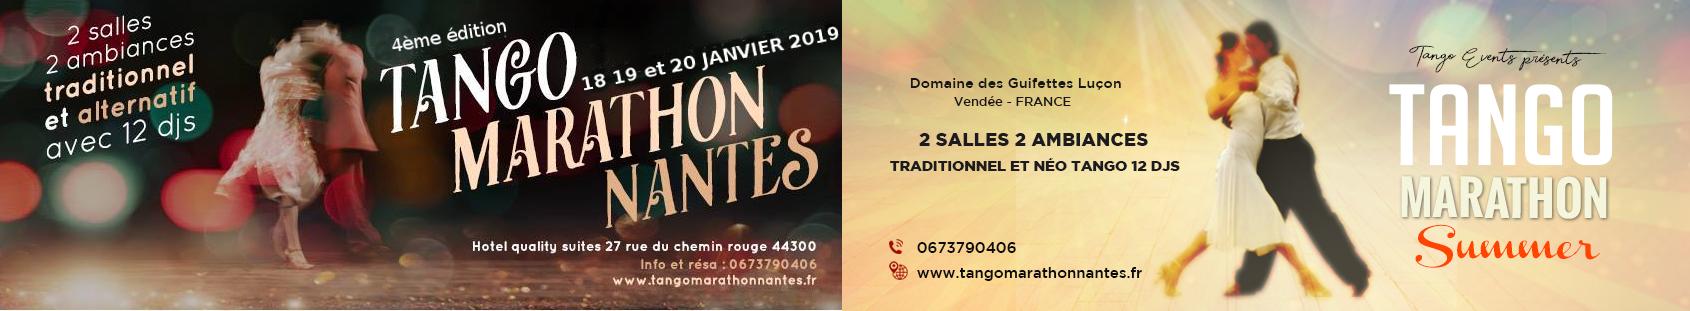 Tango Marathon Nantes 2021 du 22 au 24 janvier ......... Tango Marathon Summer 2021 du 28 au 30 mai